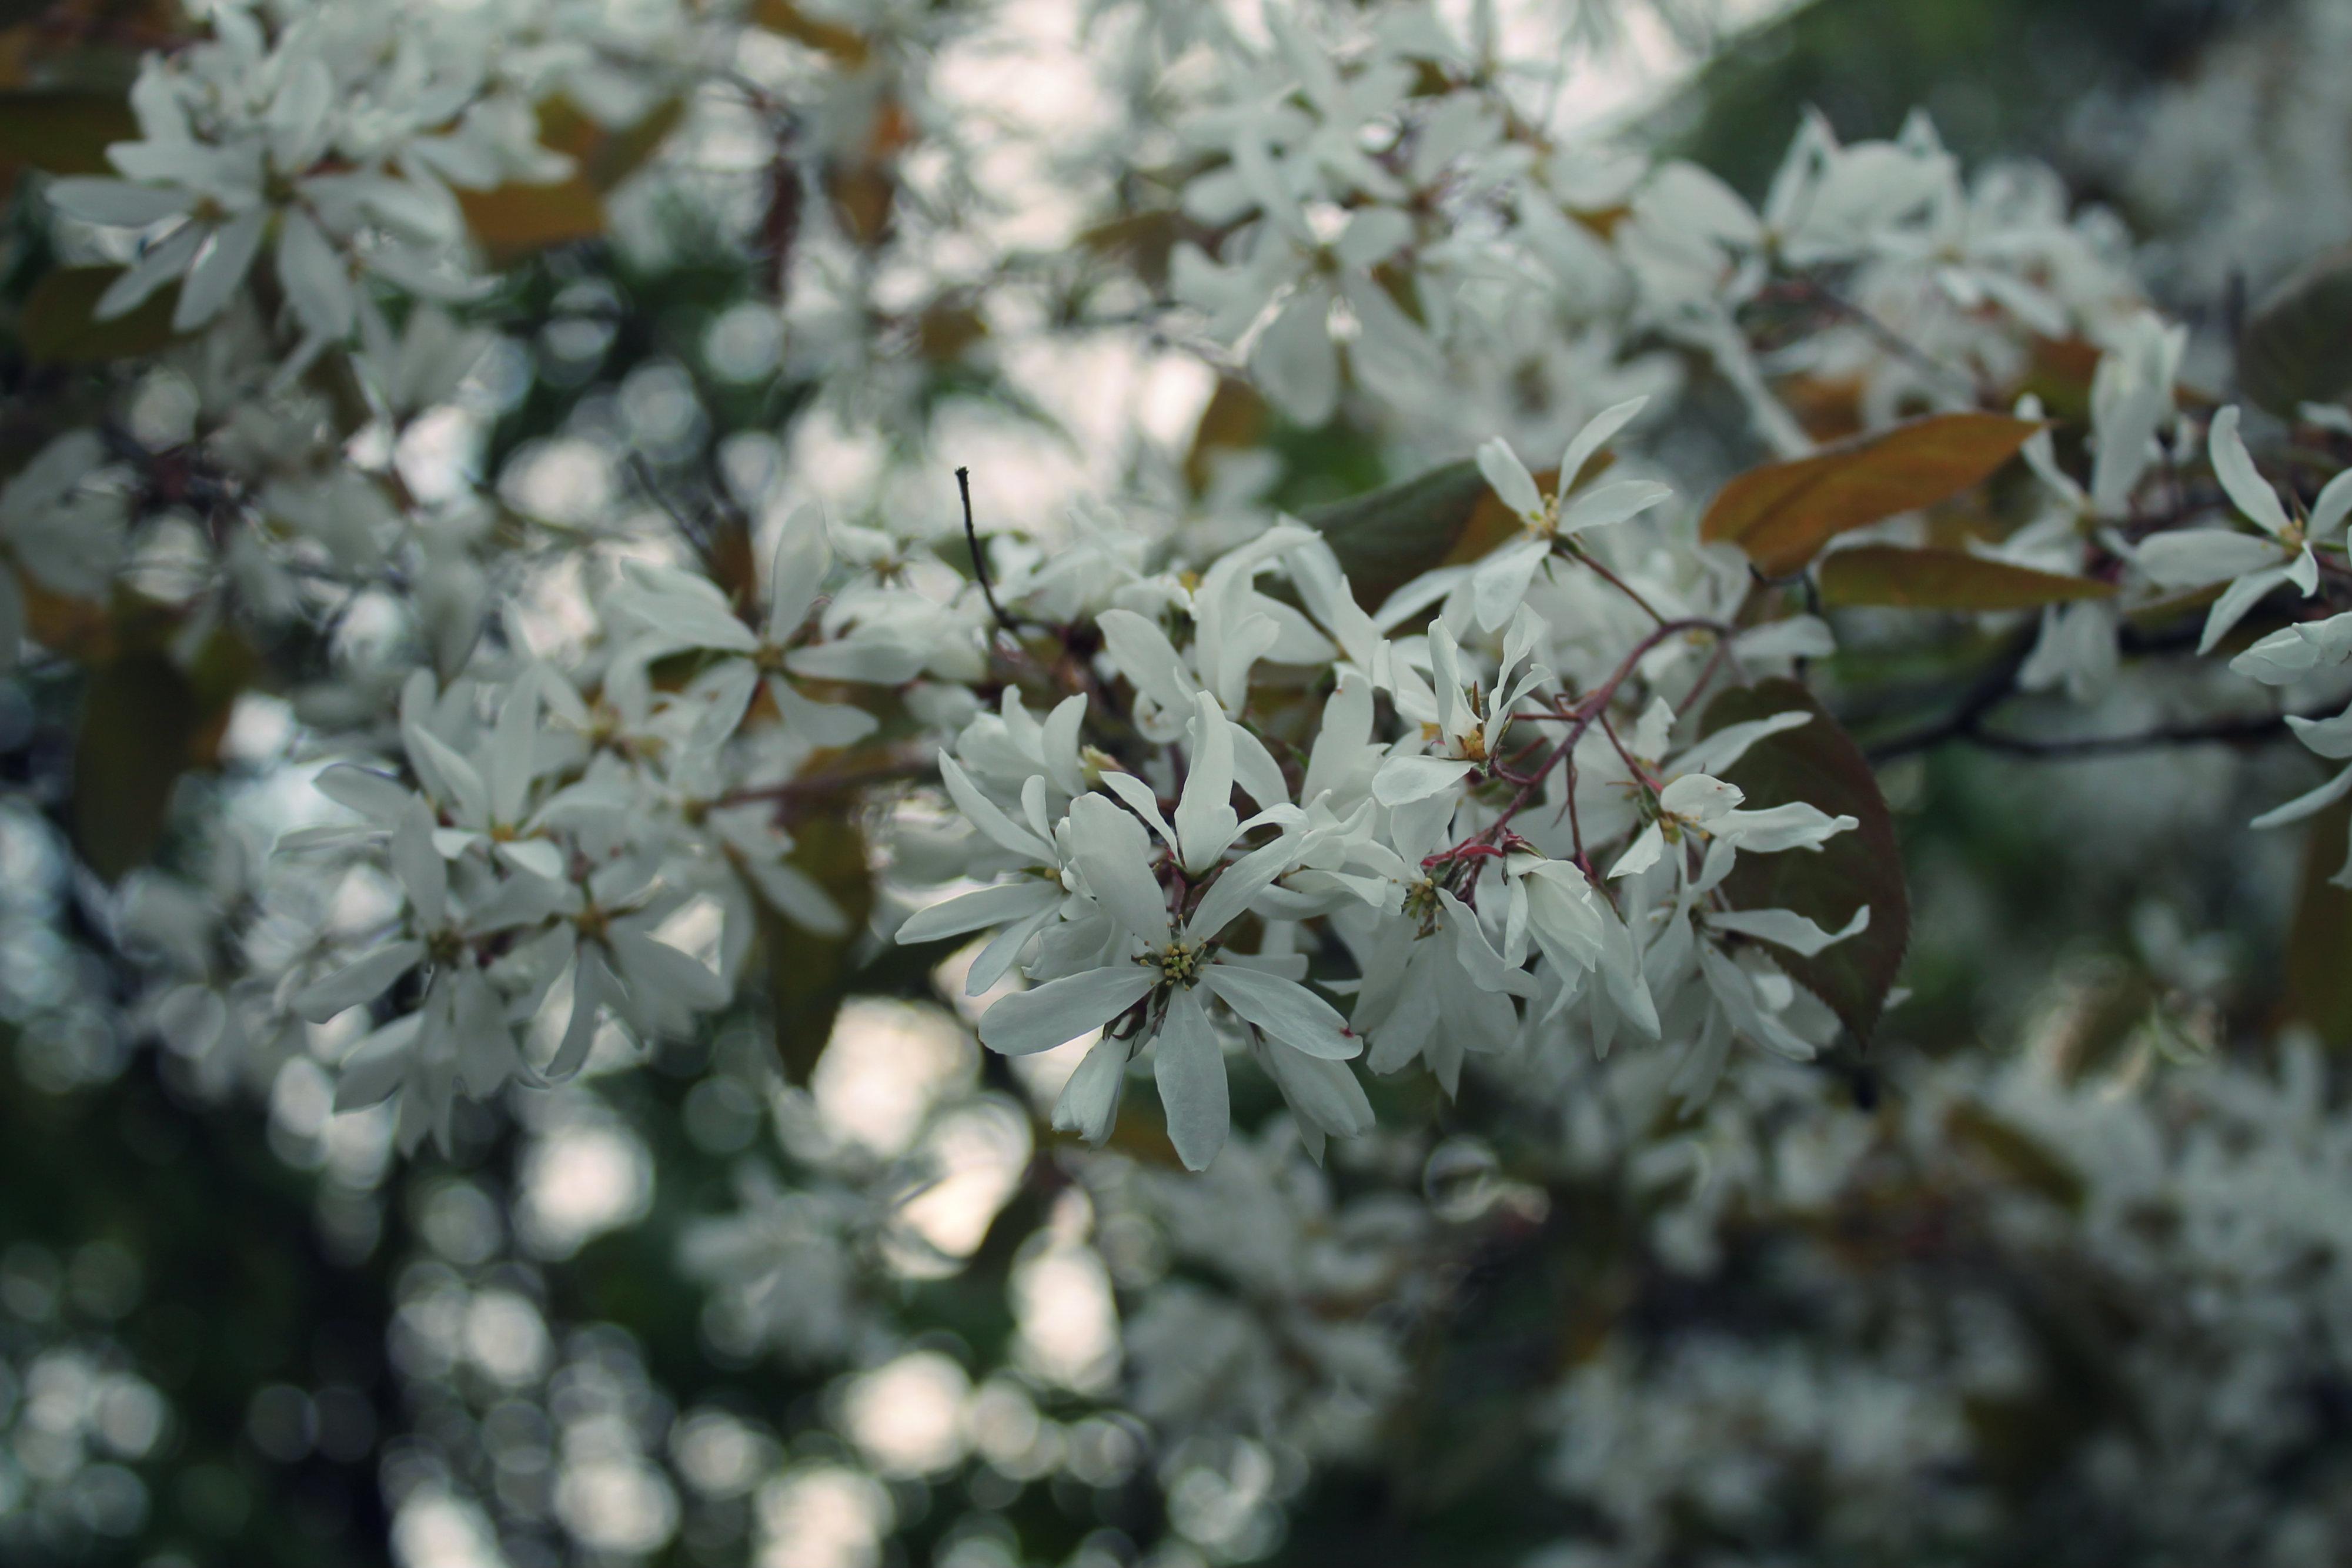 Miksi sinunkin kannattaa osallistua Mindfulness-kurssille + kevään kukkaloistoa